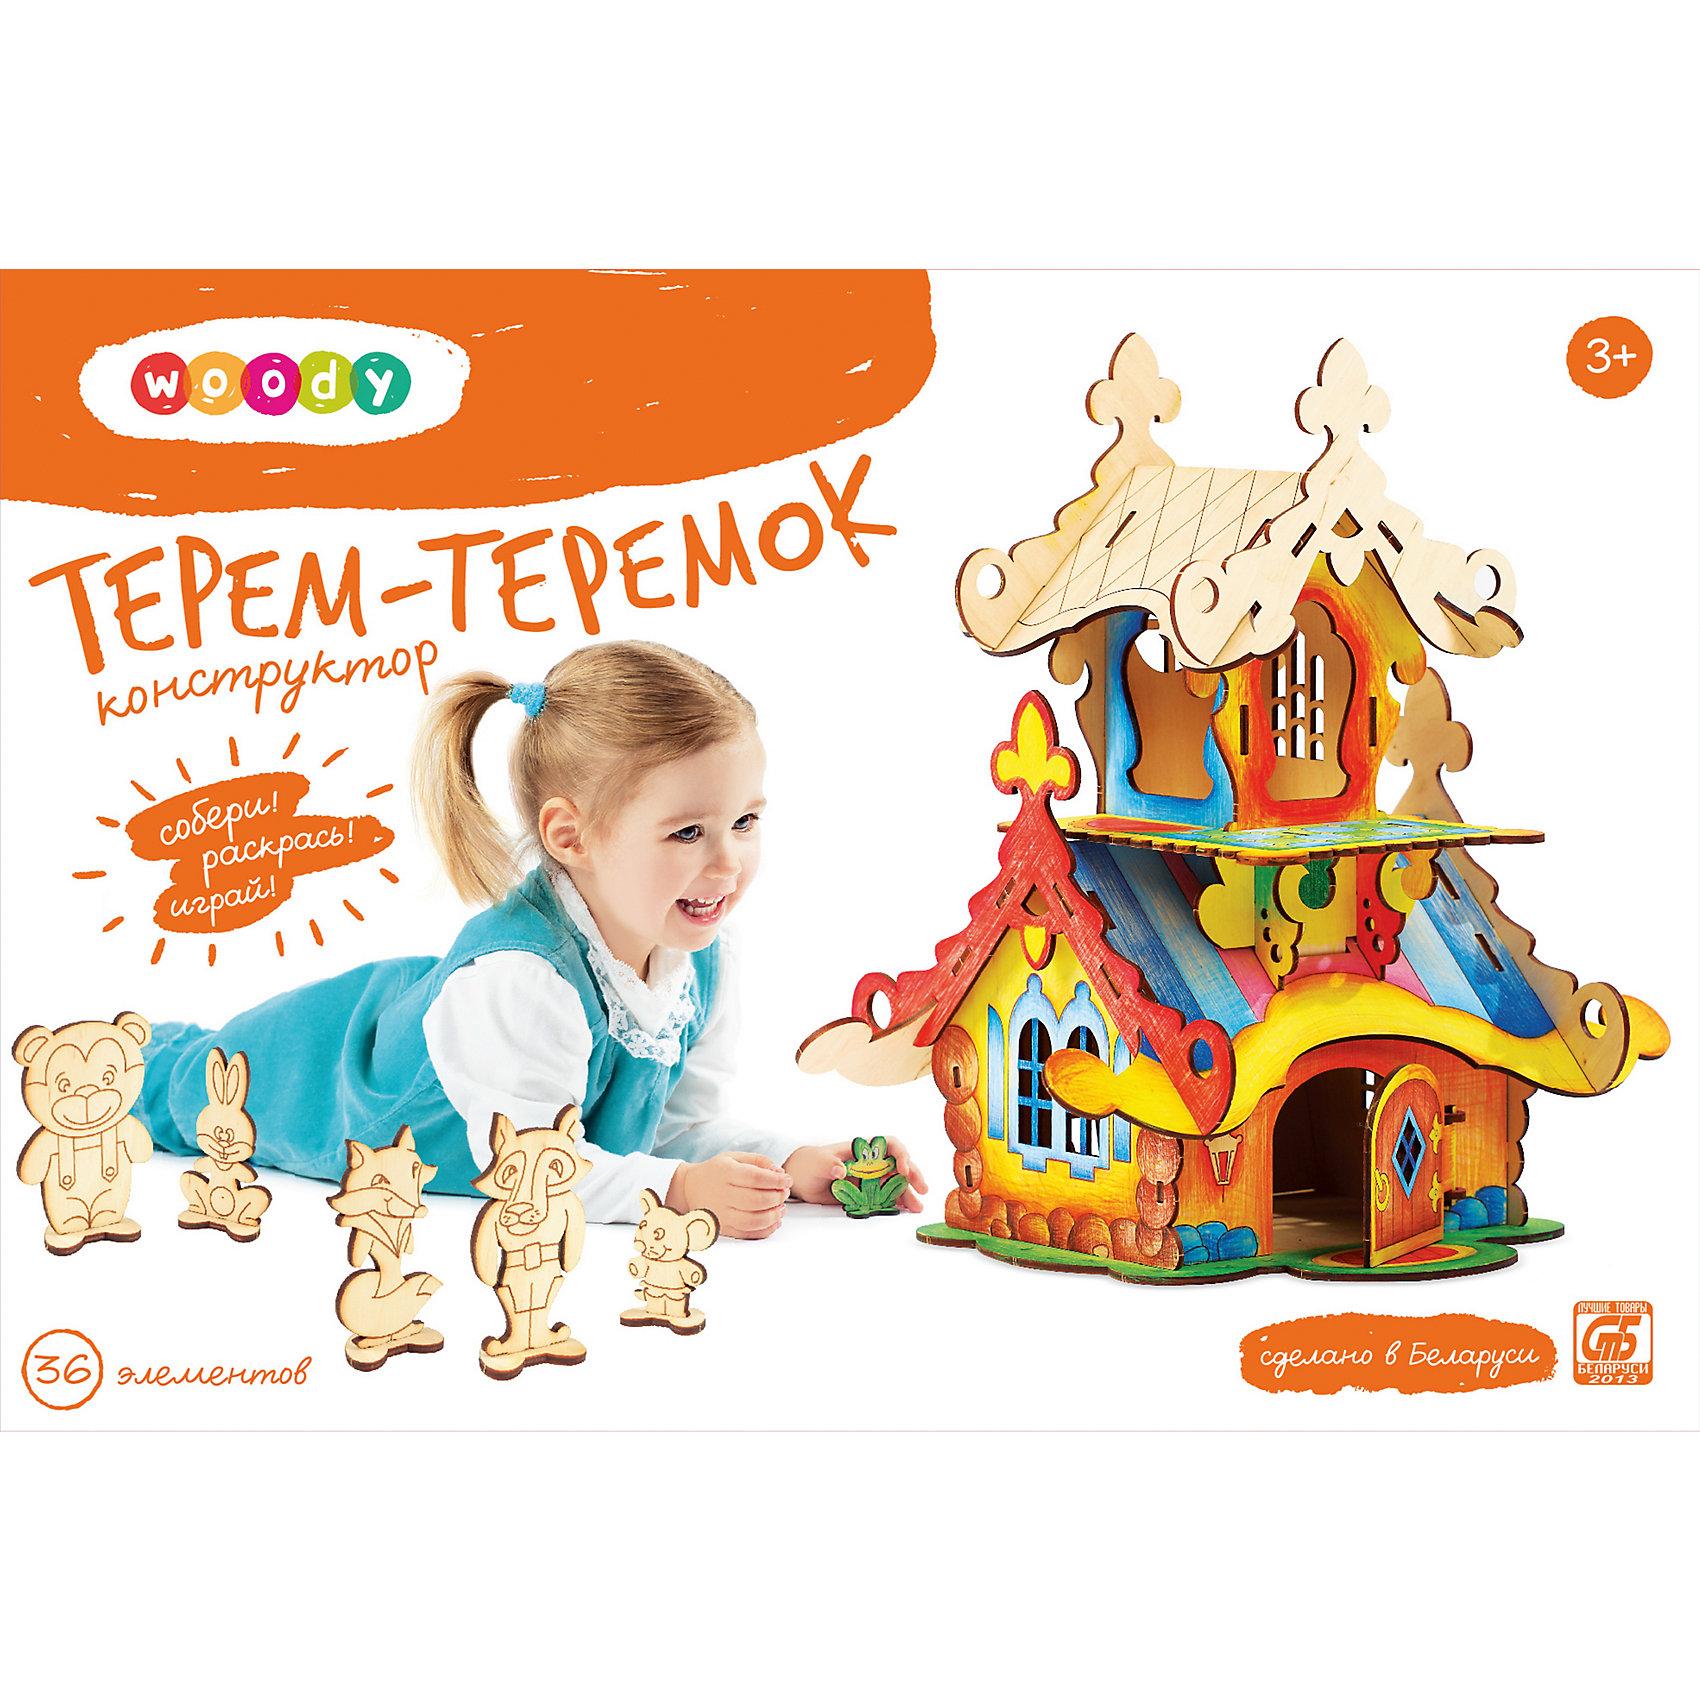 Конструктор Терем-ТеремокРебенок постоянно чему-то учится, сделать процесс познавания мира для малышей - просто! Интересная развивающая игрушка Терем-Теремок - это деревянный конструктор в виде сказочного домика, он поможет ребенку научиться сопоставлять детали. <br>Этот конструктор обязательно займет ребенка! Игра с ним помогает детям развивать мелкую моторику и познавать мир, также его можно раскрасить по своему усмотрению. Обучающая игрушка сделана из качественных и безопасных для ребенка материалов - натурального дерева.<br><br>Дополнительная информация:<br><br>цвет: дерево;<br>размер: 32 х 24 х 37 см;<br>вес: 700 г;<br>элементов: 36;<br>материал: дерево.<br><br>Конструктор Терем-Теремок можно купить в нашем магазине.<br><br>Ширина мм: 335<br>Глубина мм: 230<br>Высота мм: 70<br>Вес г: 874<br>Возраст от месяцев: 36<br>Возраст до месяцев: 2147483647<br>Пол: Унисекс<br>Возраст: Детский<br>SKU: 4916368